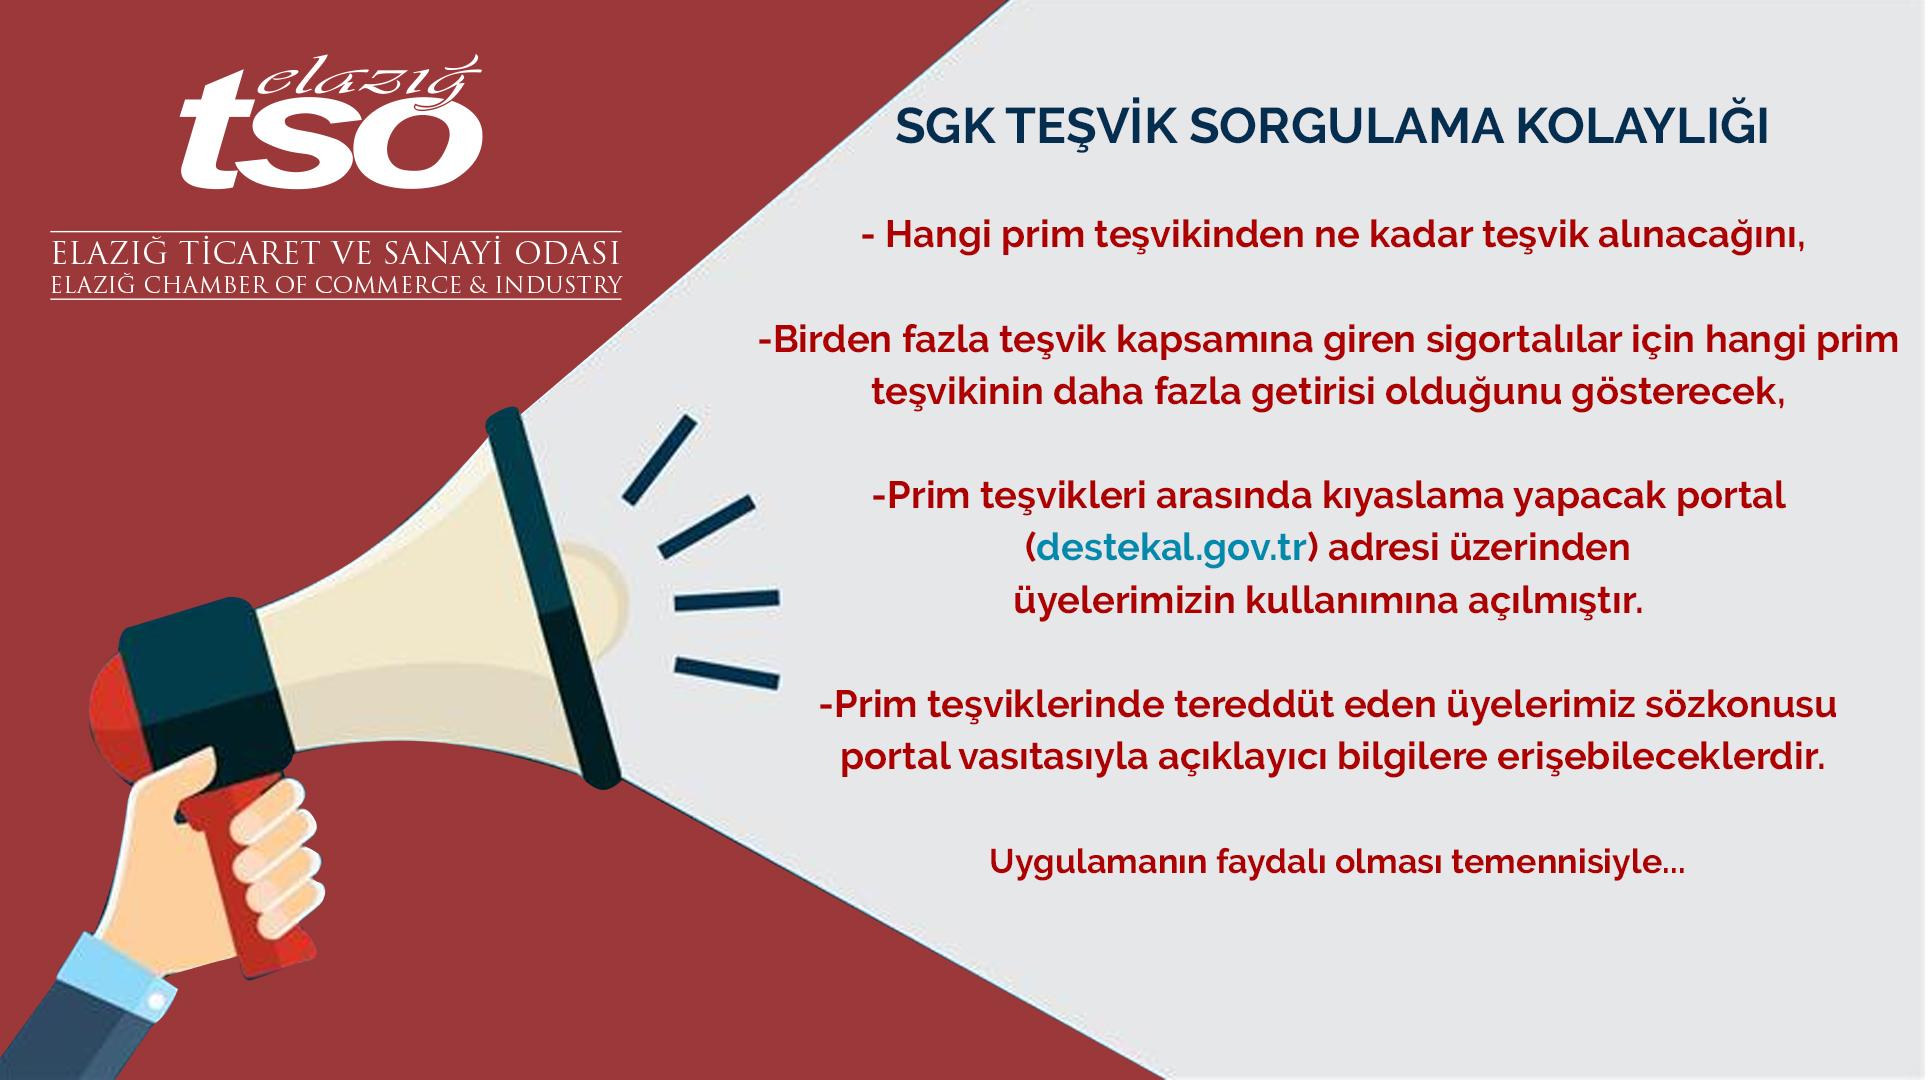 SGK Teşvik Sorgulama Kolaylığı